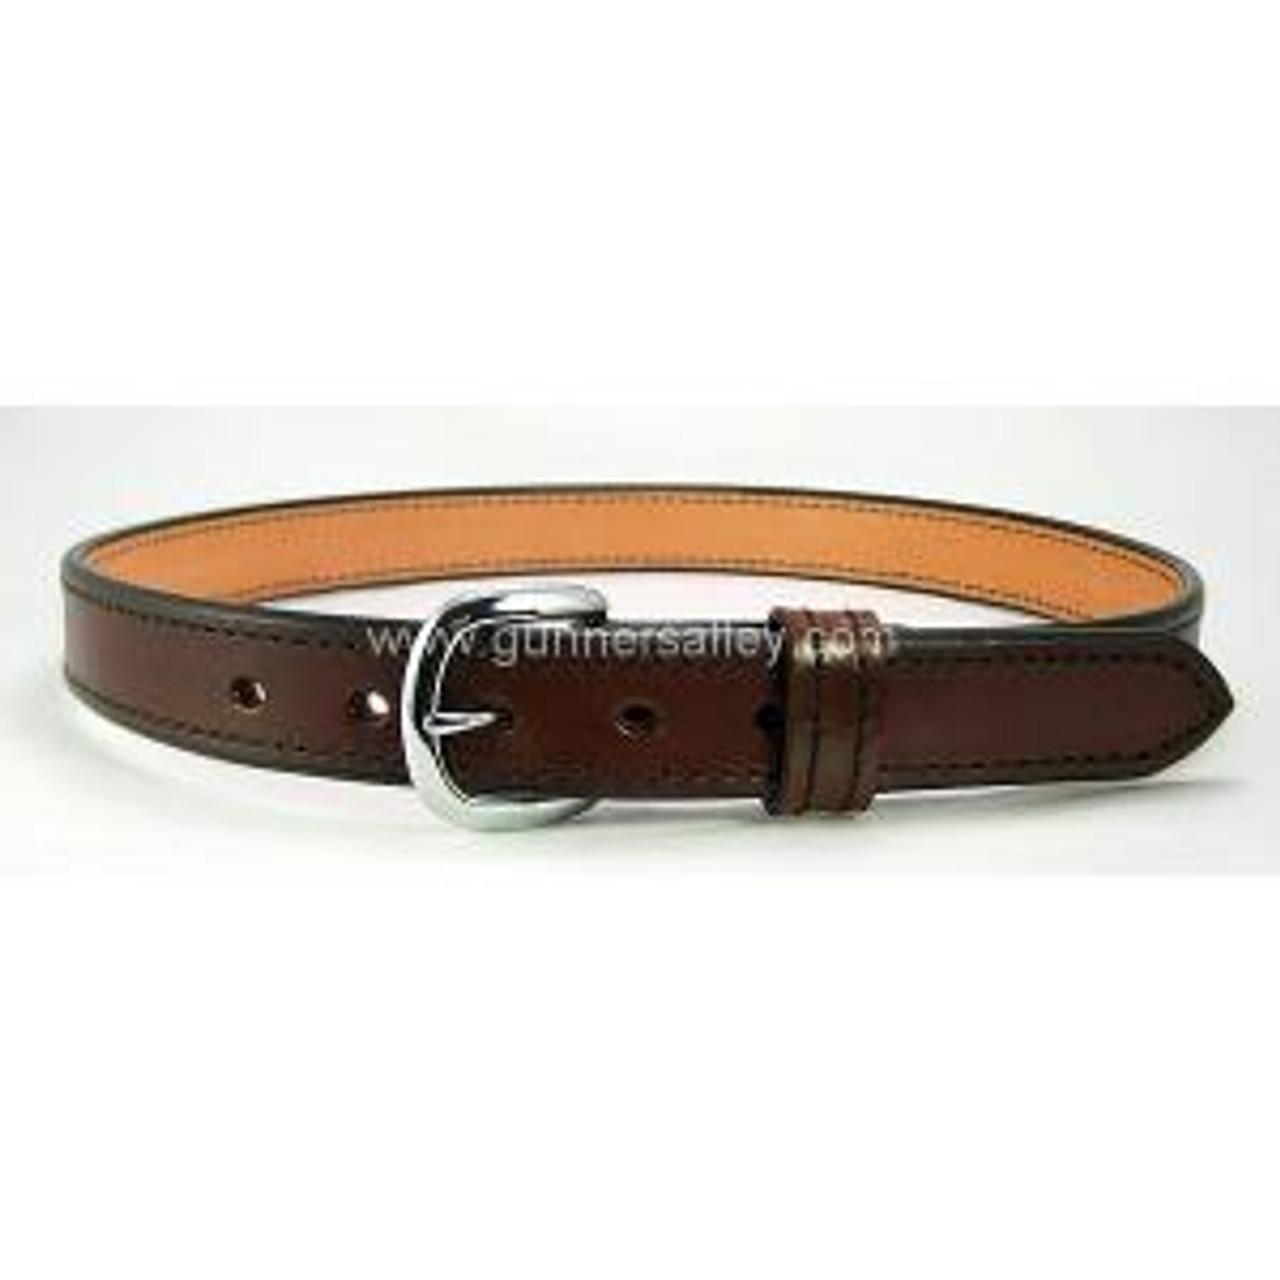 Gunner's Alley Gun Belts